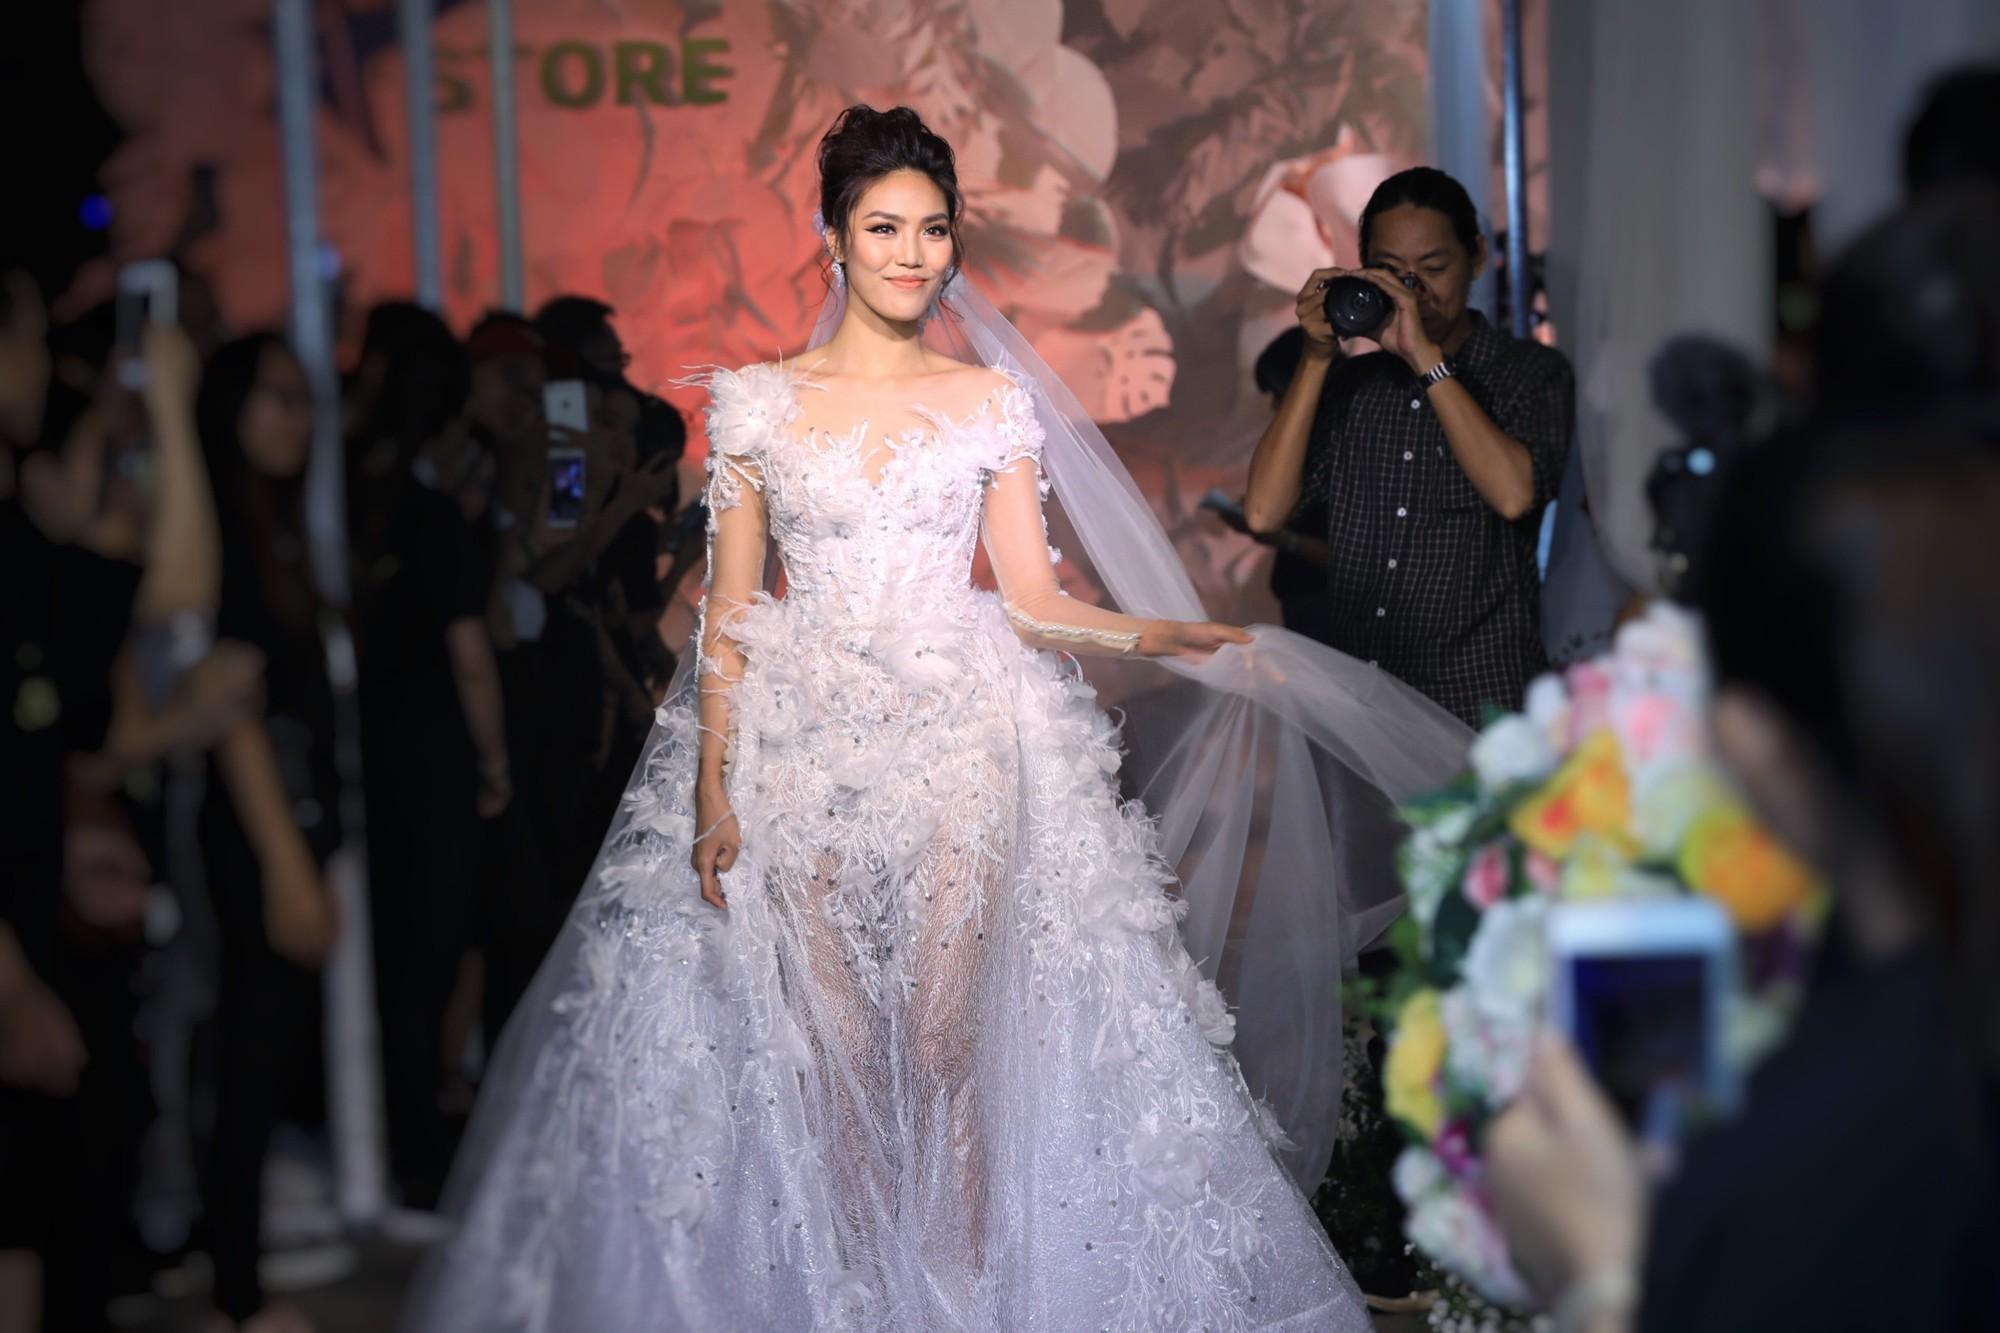 Hình ảnh Lan Khuê e ấp trong trang phục cô dâu khiến nhiều người không khỏi thích thú.